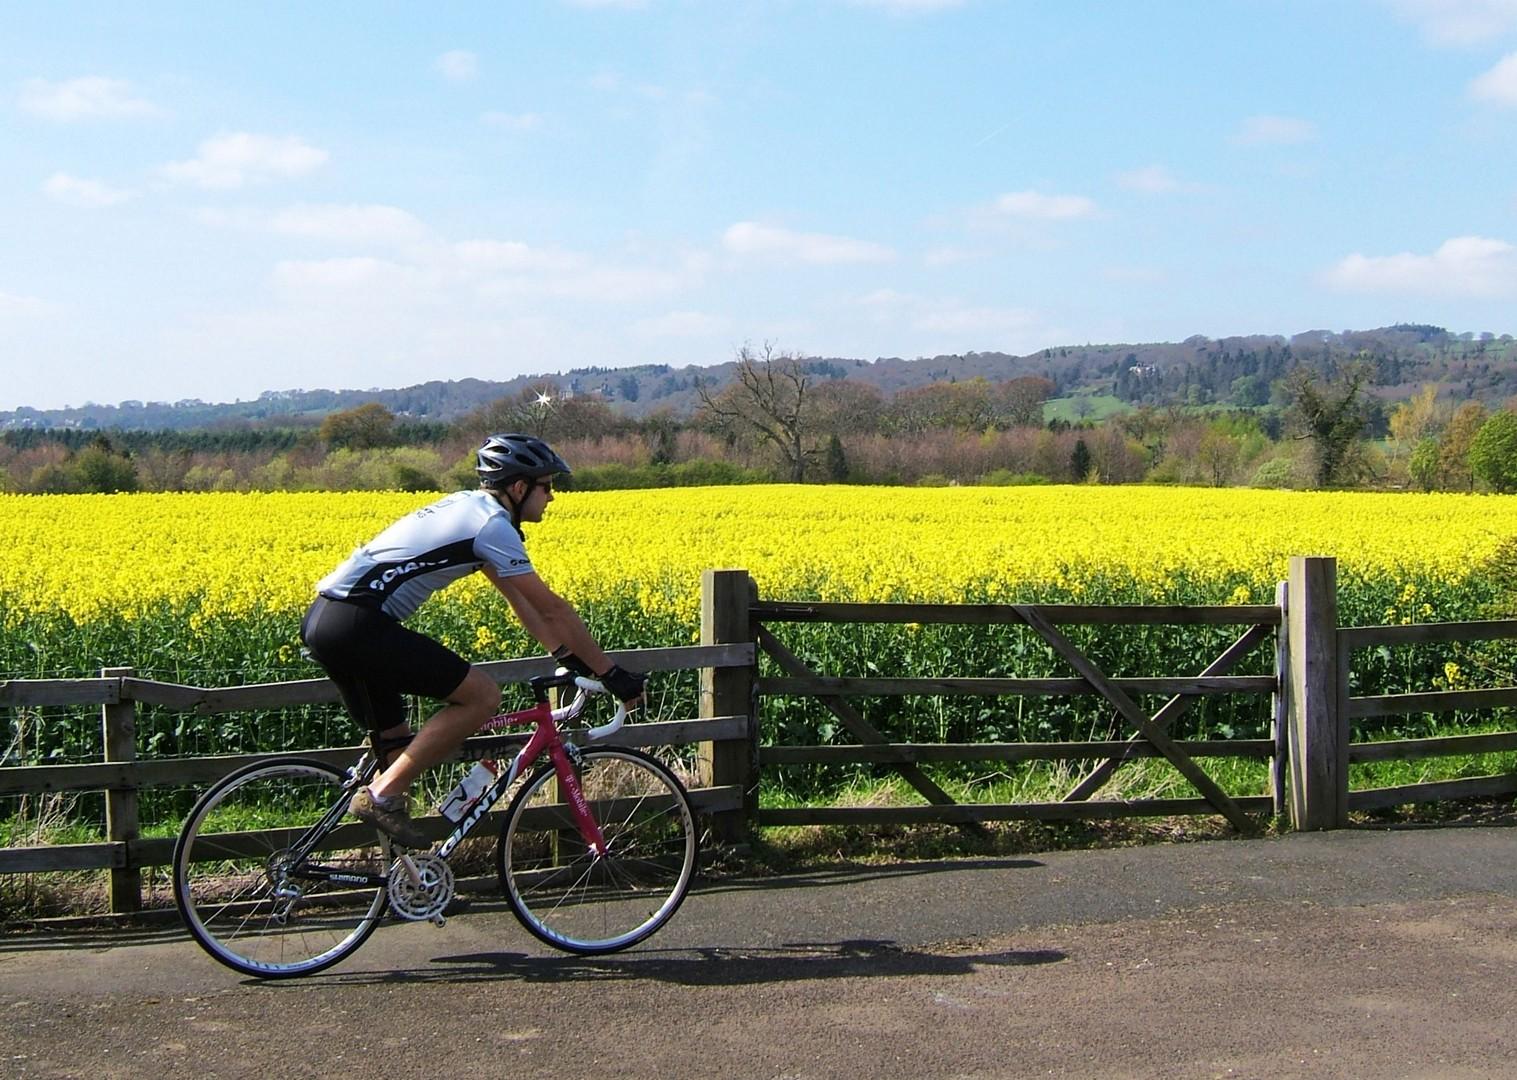 northumberland-uk-road-cycling-weekend.jpg - UK - Northumberland - Road Cycling